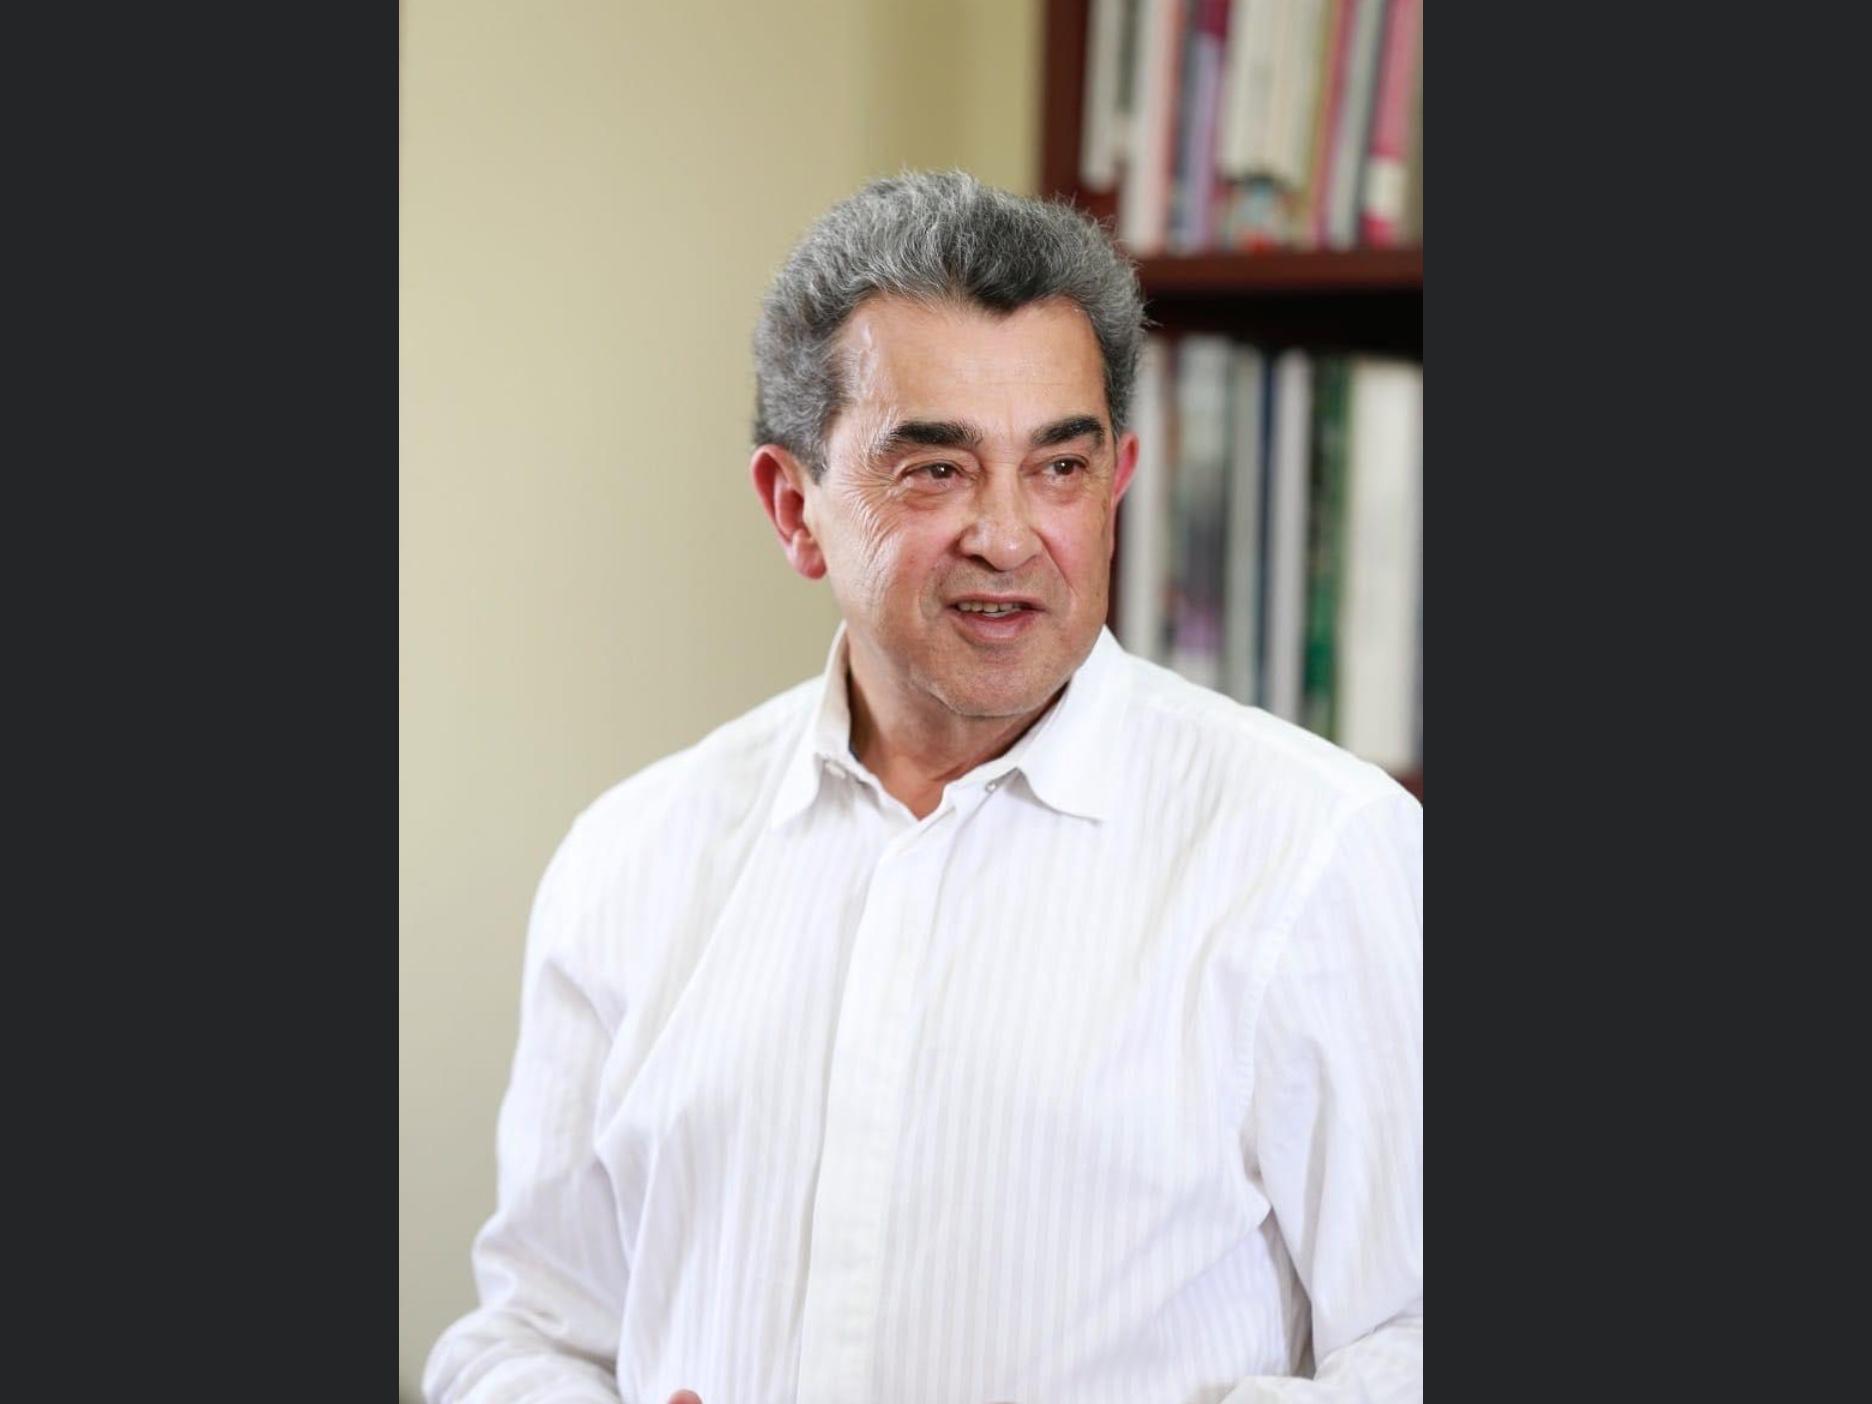 Alista UAEM retorno seguro para actividades académicas y administrativas